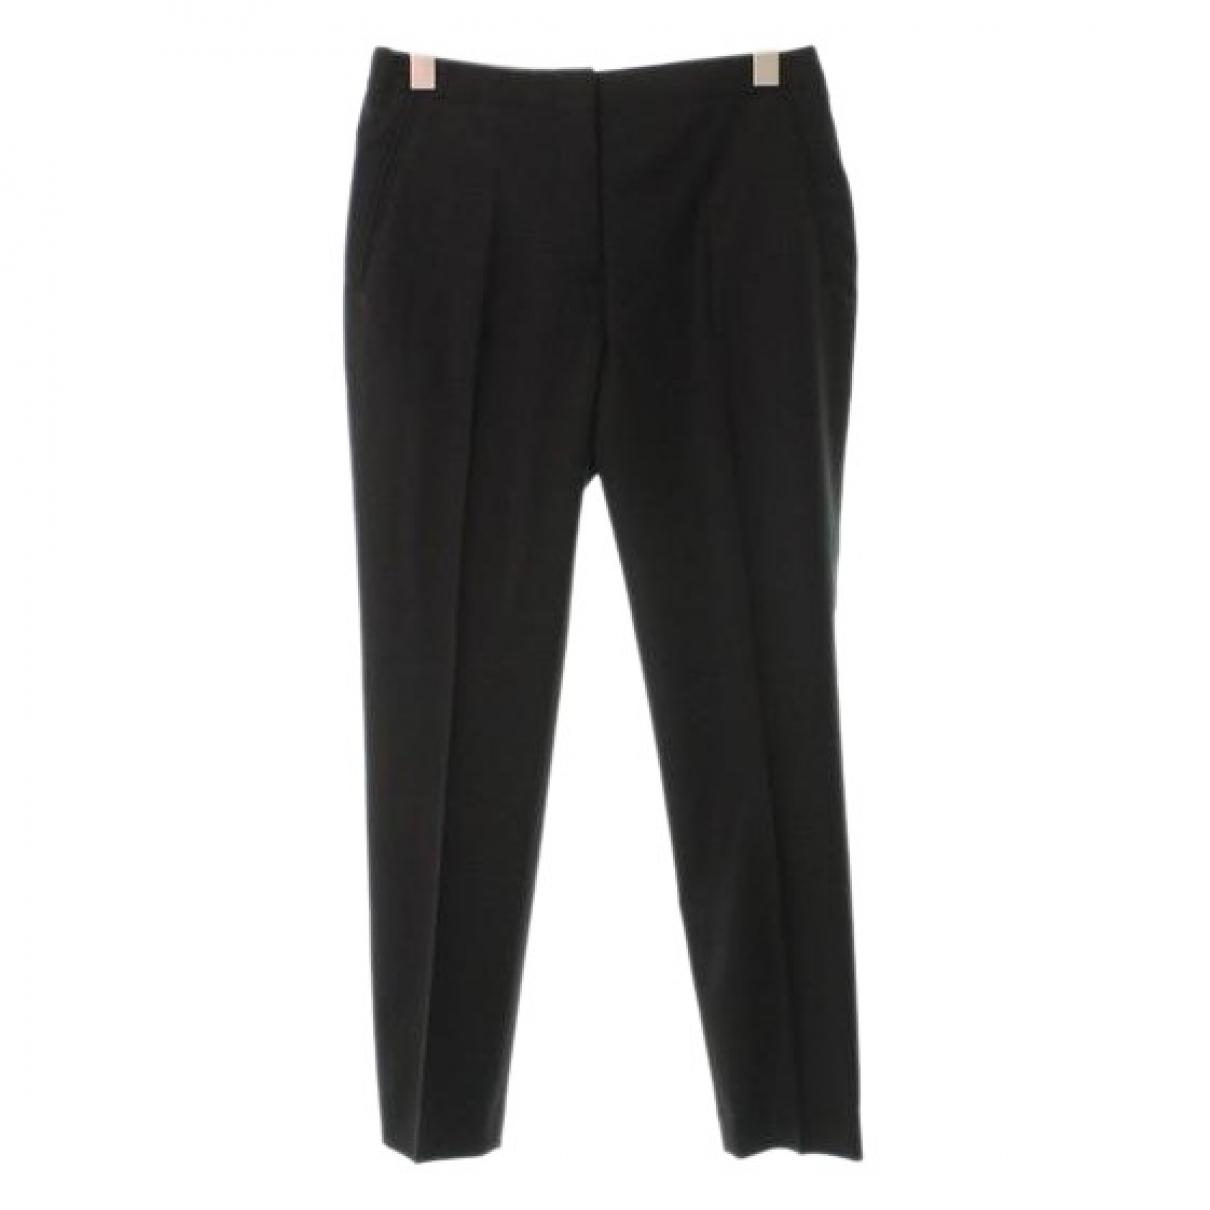 Pantalon de Lana Hermes